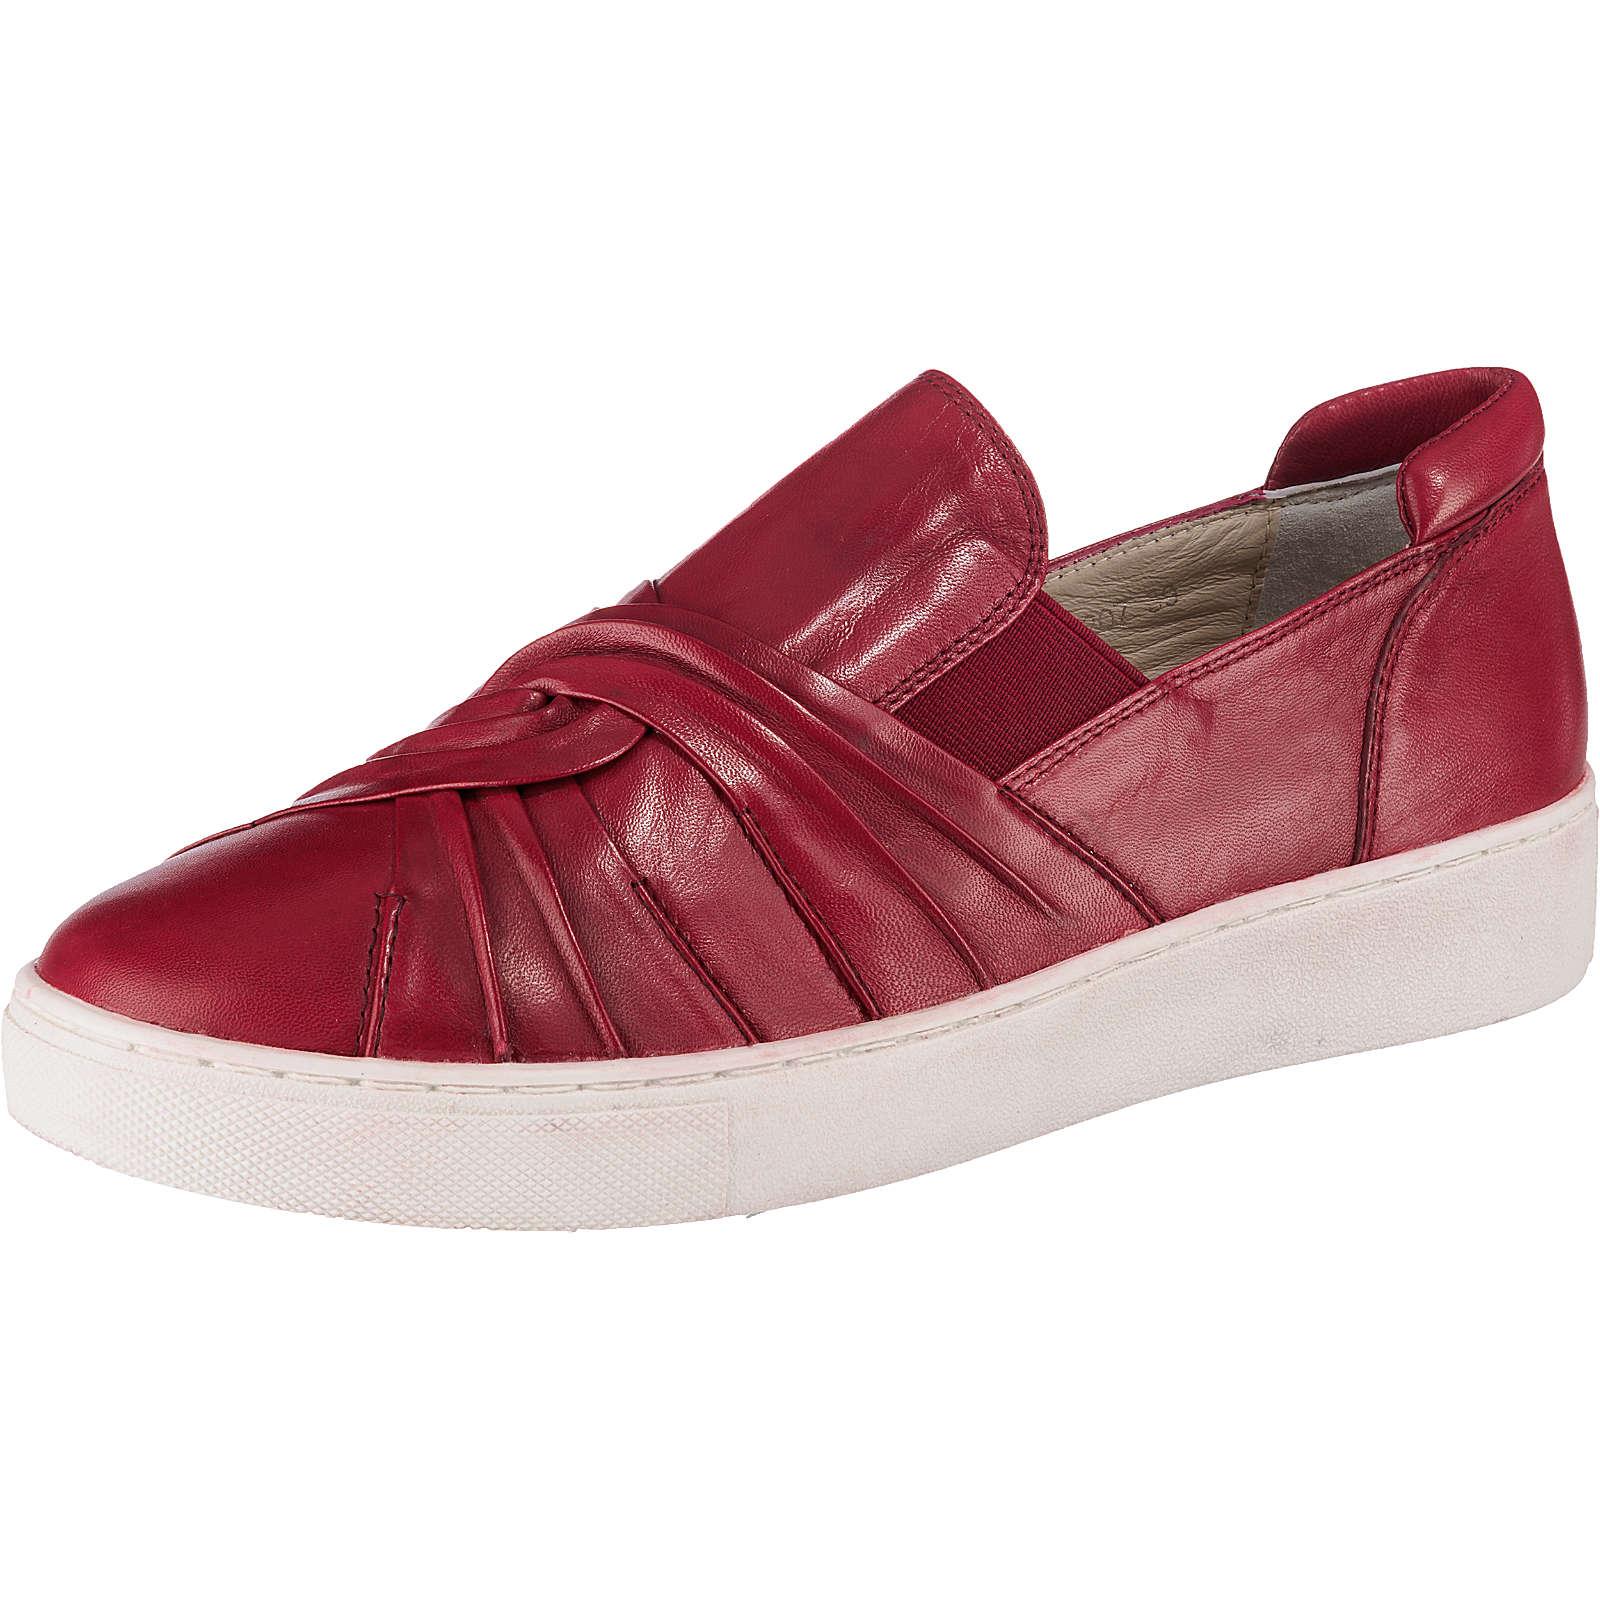 CANAL GRANDE Sneakers Low rot Damen Gr. 38